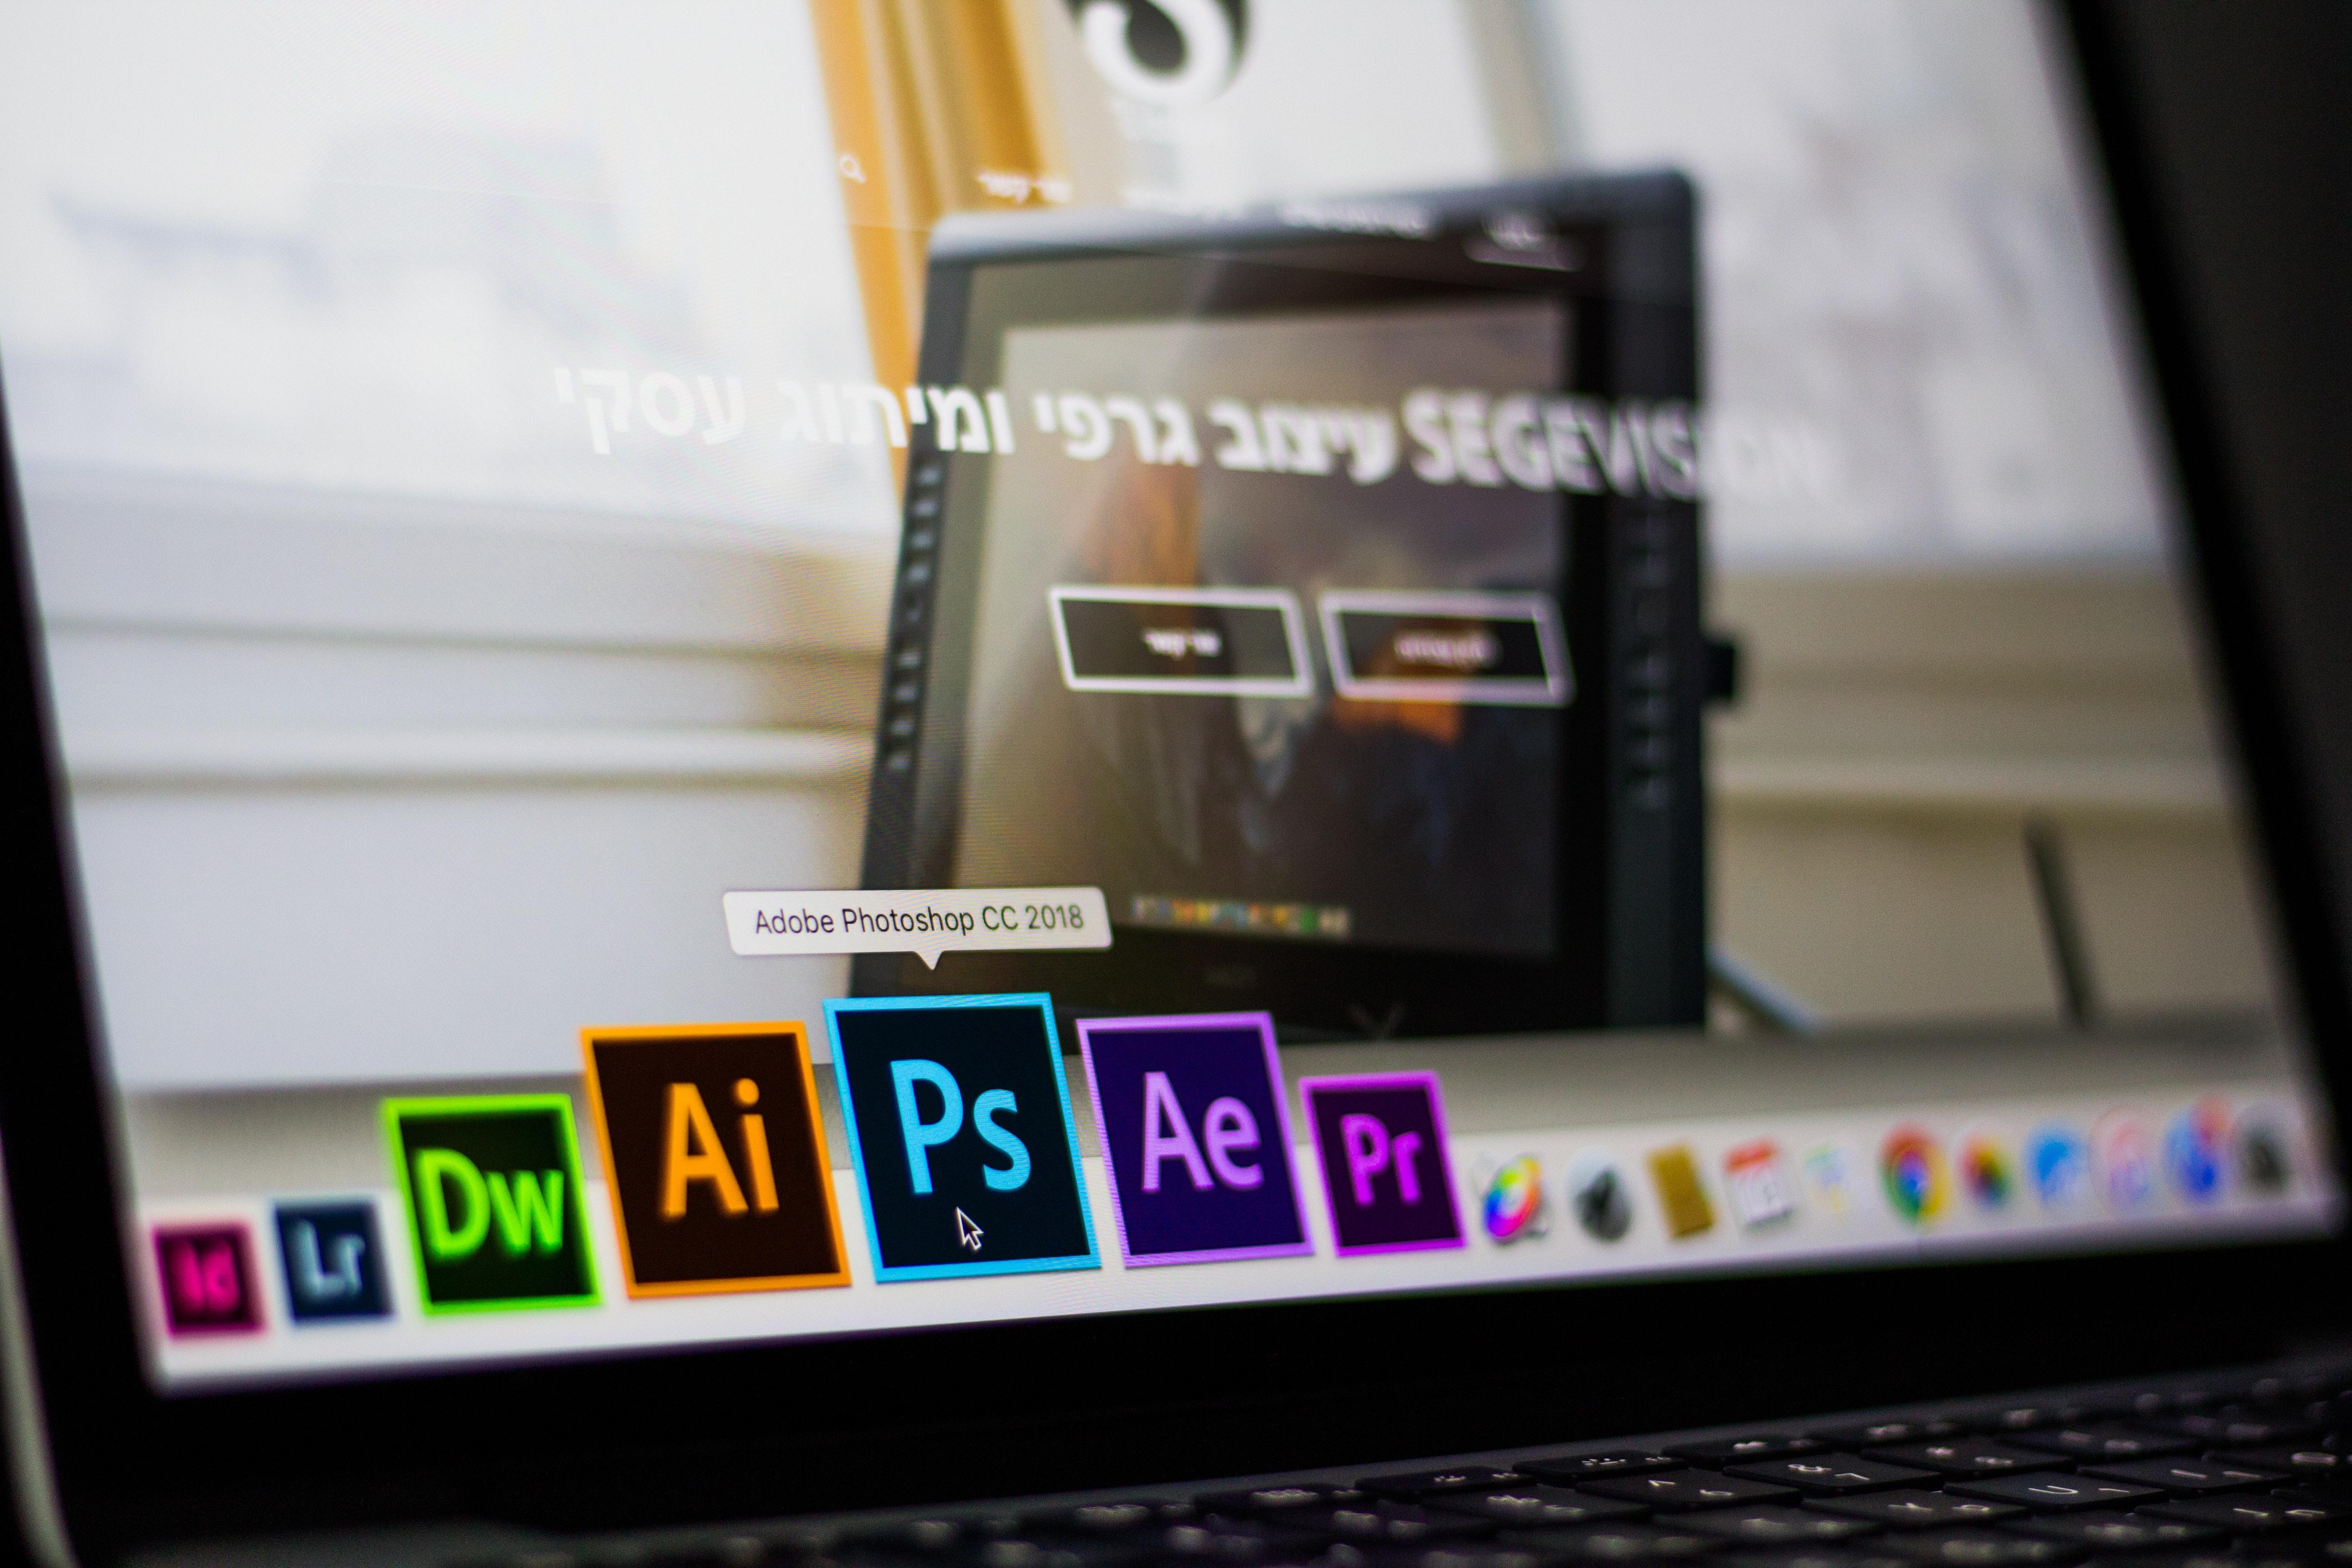 Connaissez-vous bien la barre des tâches de Photoshop ?